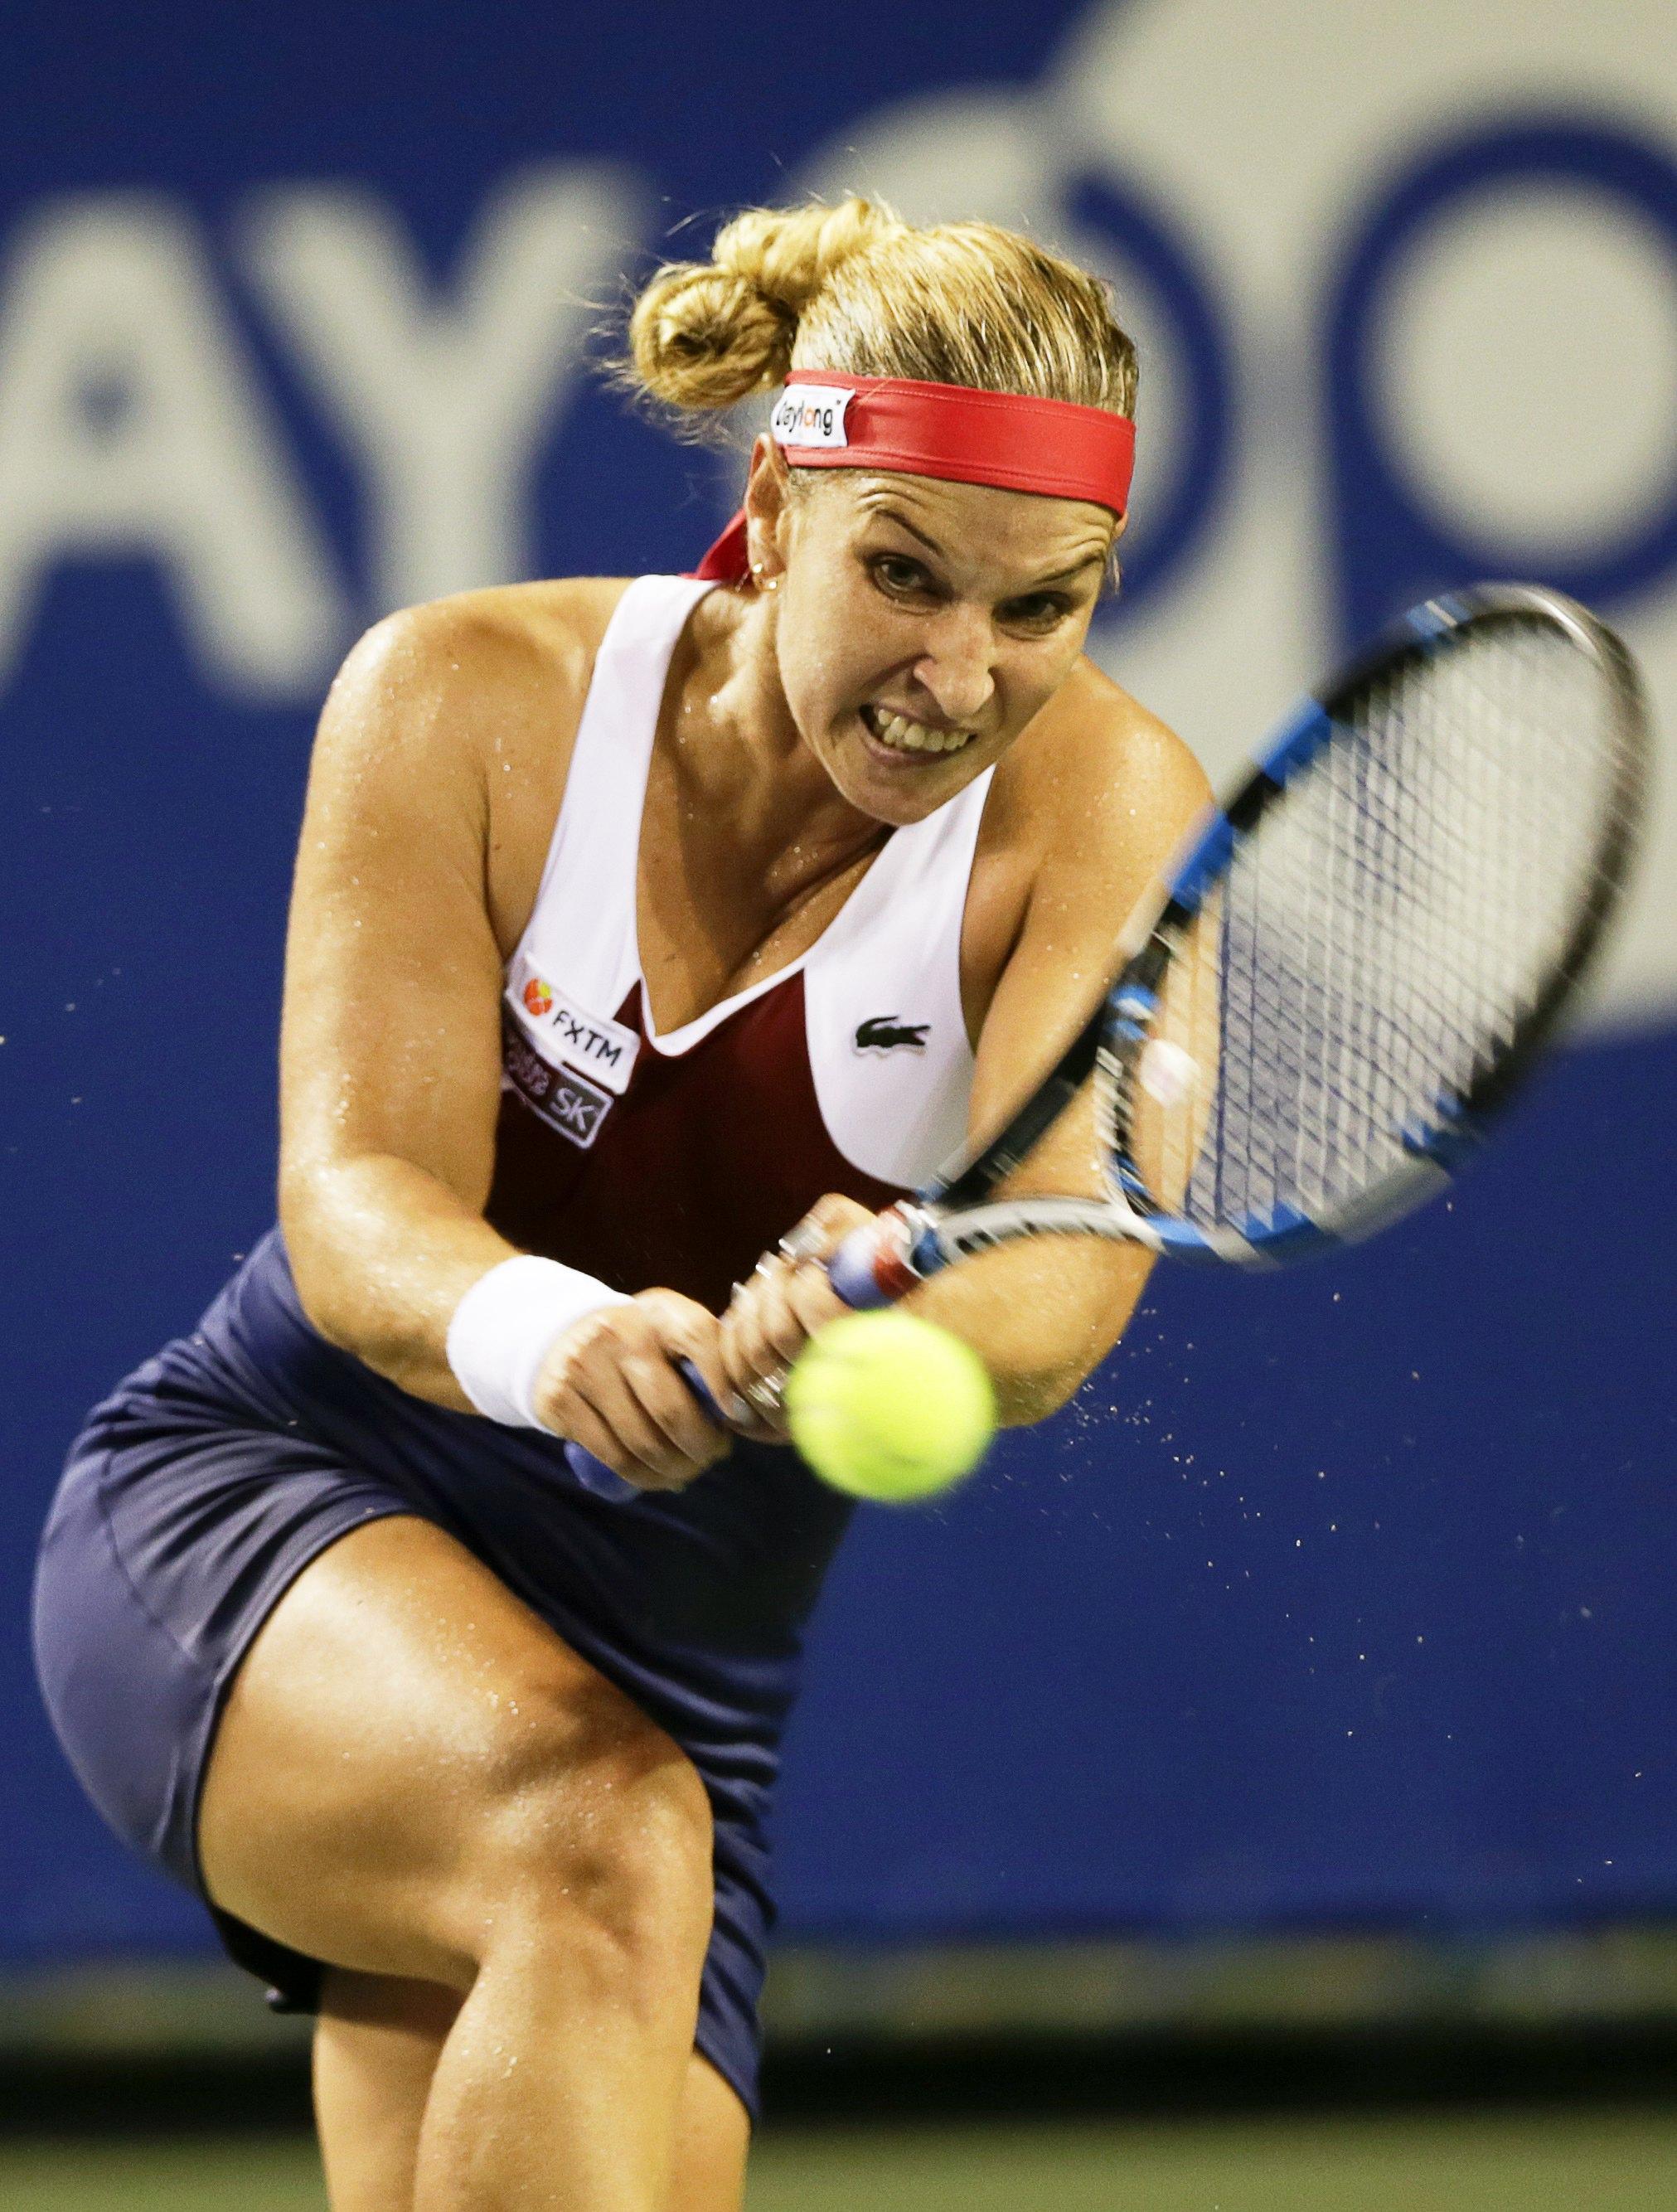 Zdjęcia: Piękna tenisistka przyłapana z trzema mężczyznami